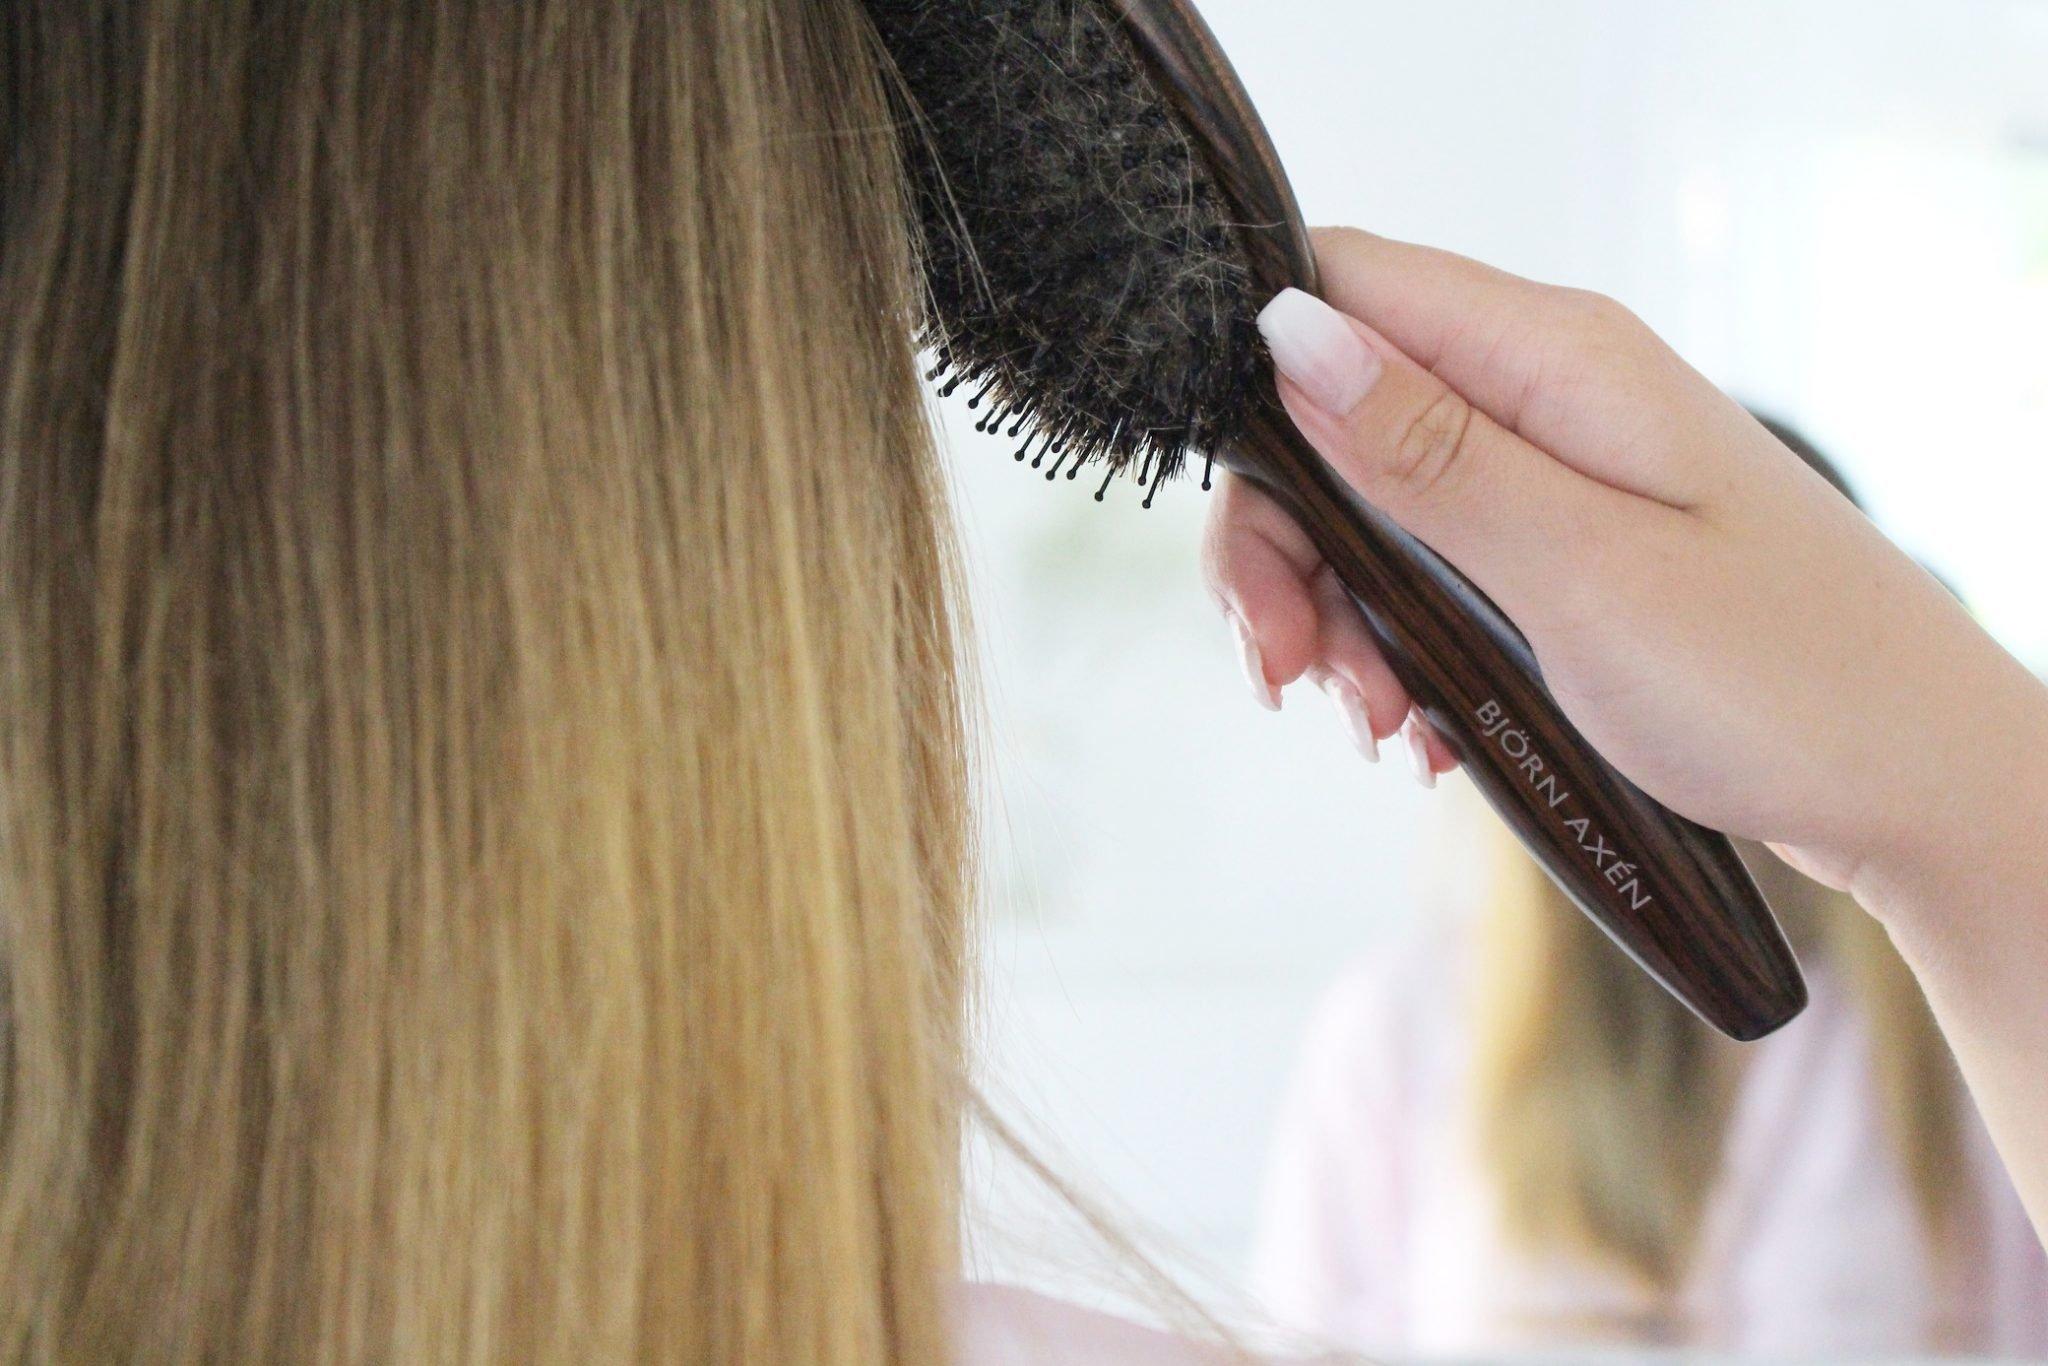 Värmeskydd är superviktigt att använda innan man utsätter håret för värme!  Det funkar lika bra med ett vanligt spray som med en hårolja. baaaacaedcff1